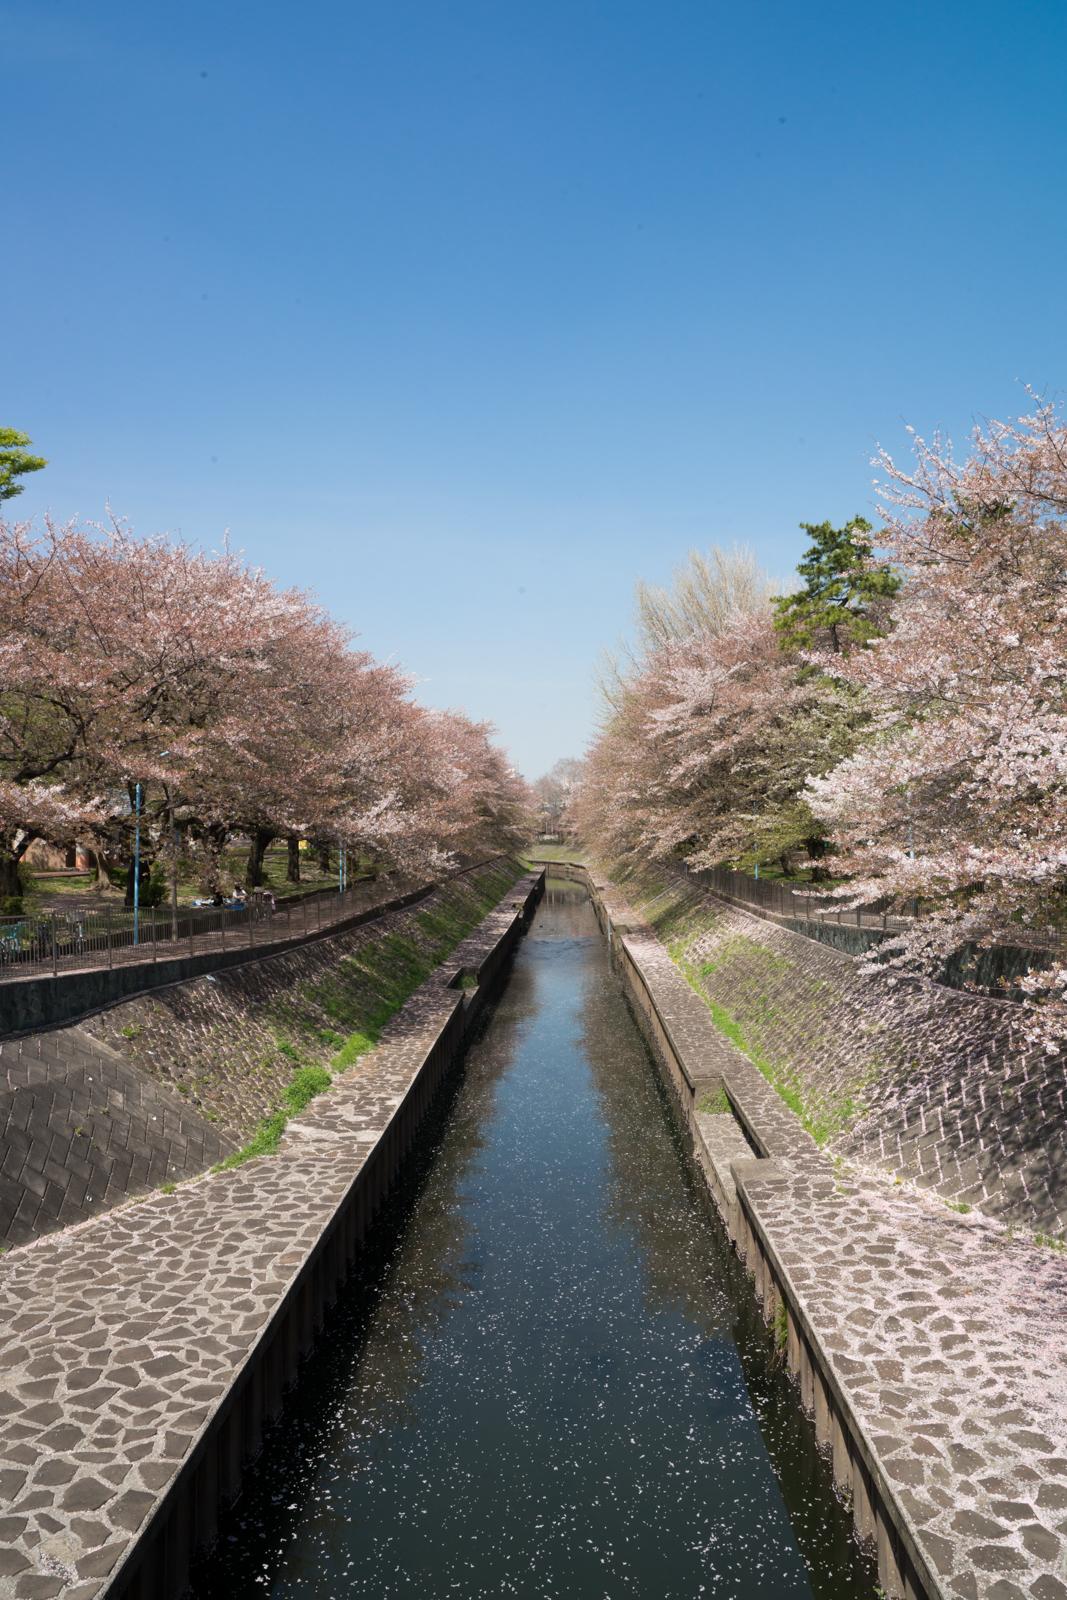 善福寺川緑地の桜の写真